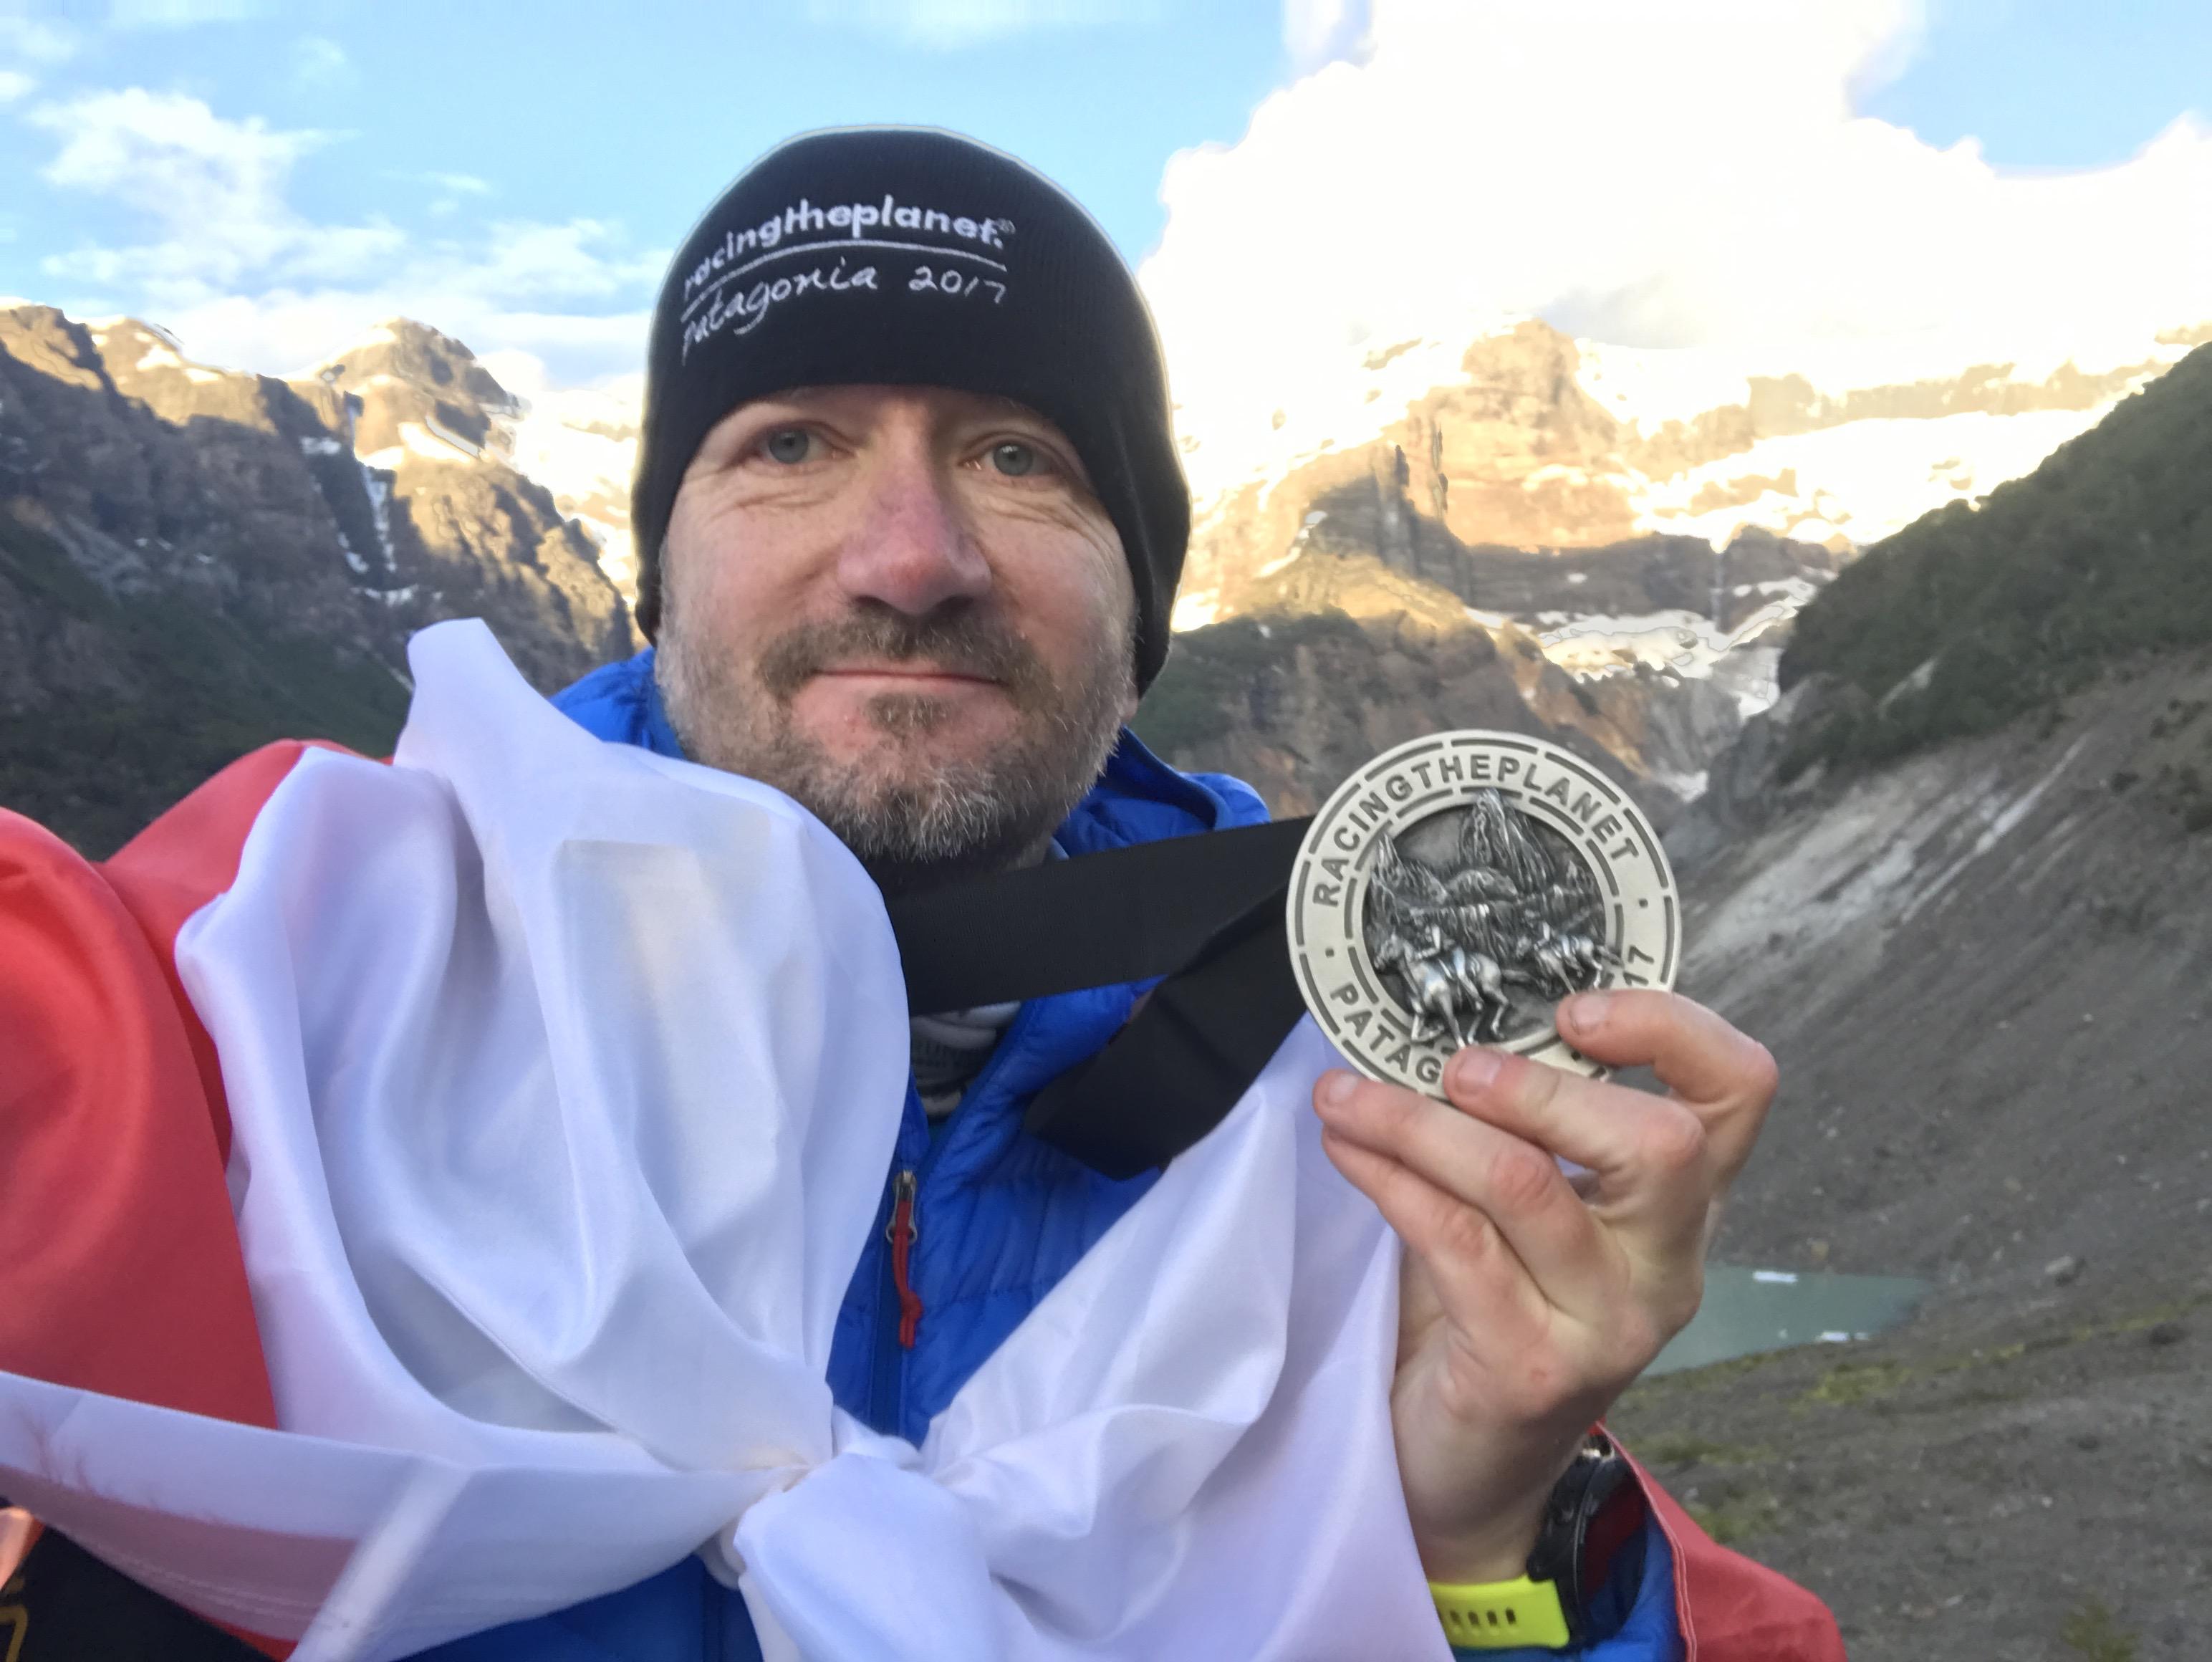 Marek Rybiec na mecie ultramaratonu w Patagonii.